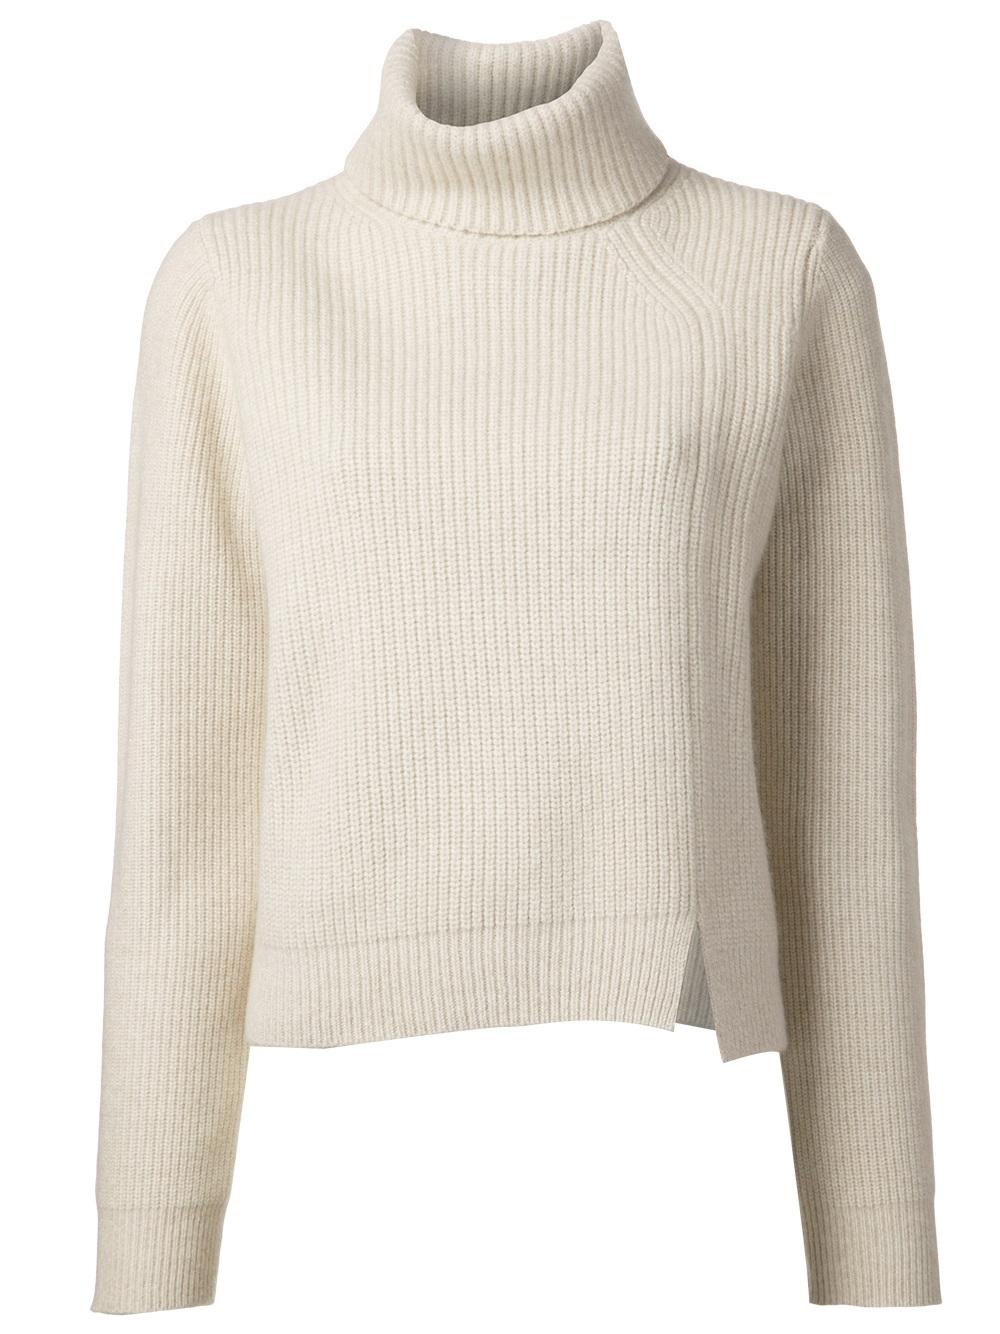 587d063aabd Proenza Schouler Turtleneck Sweater in Natural - Lyst